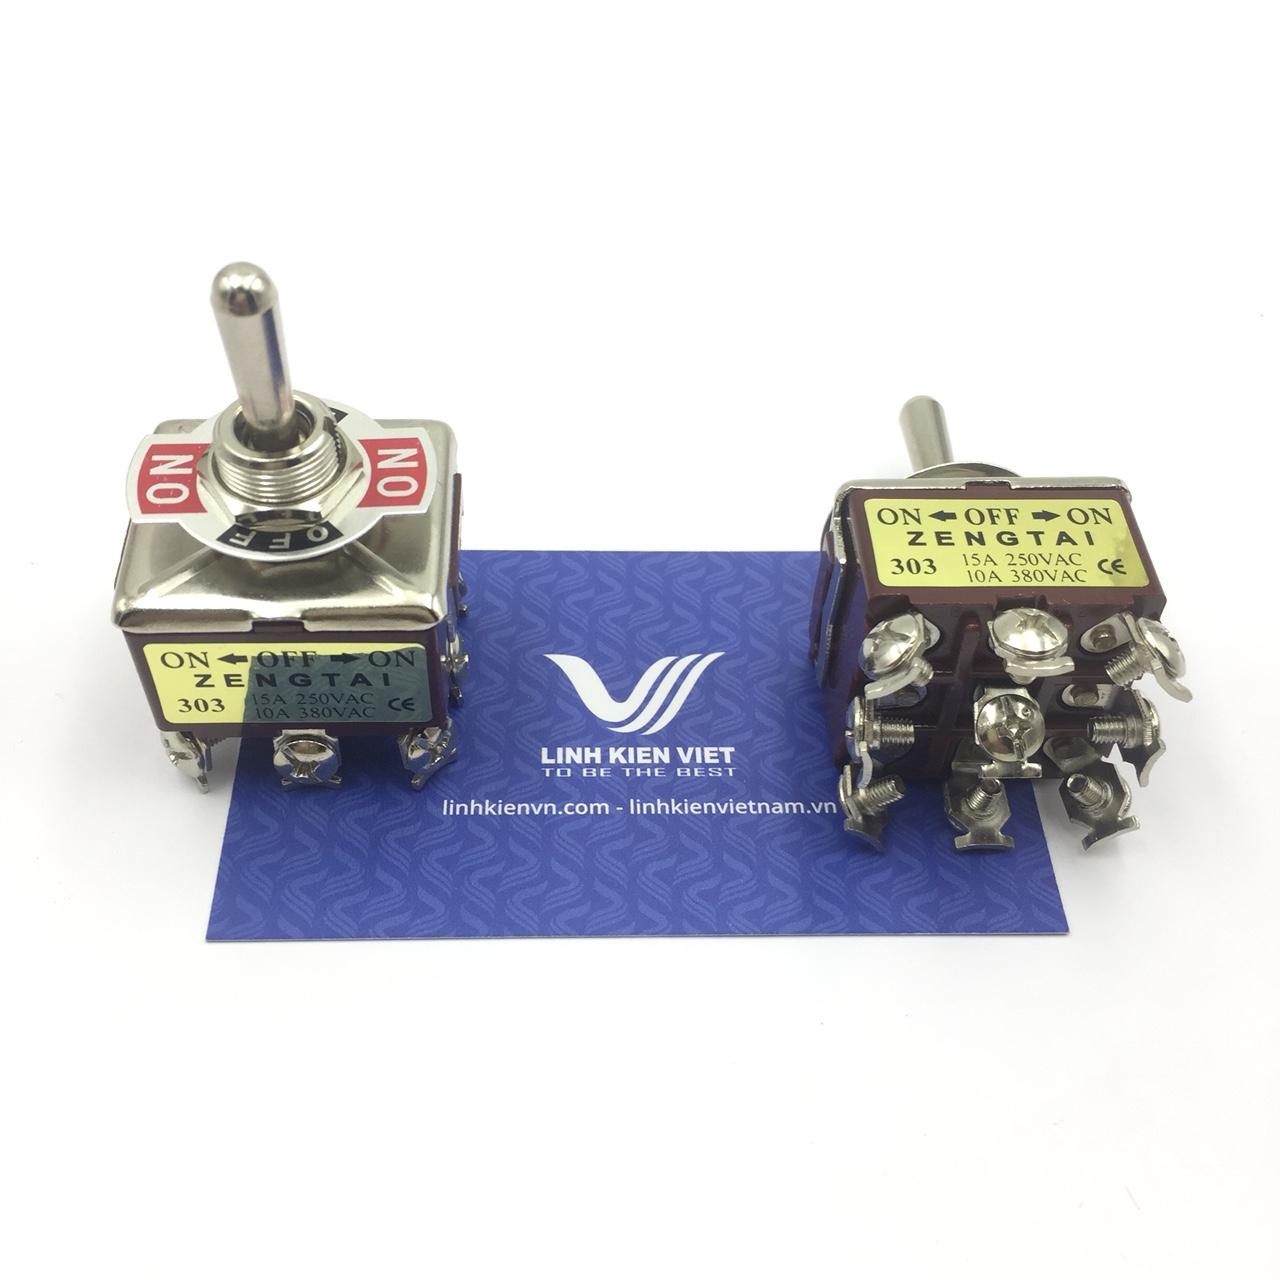 Công tắc ZENGTAI E-TEN303 10A 380V - 3 trạng thái 3 cặp tiếp điểm - i10H18